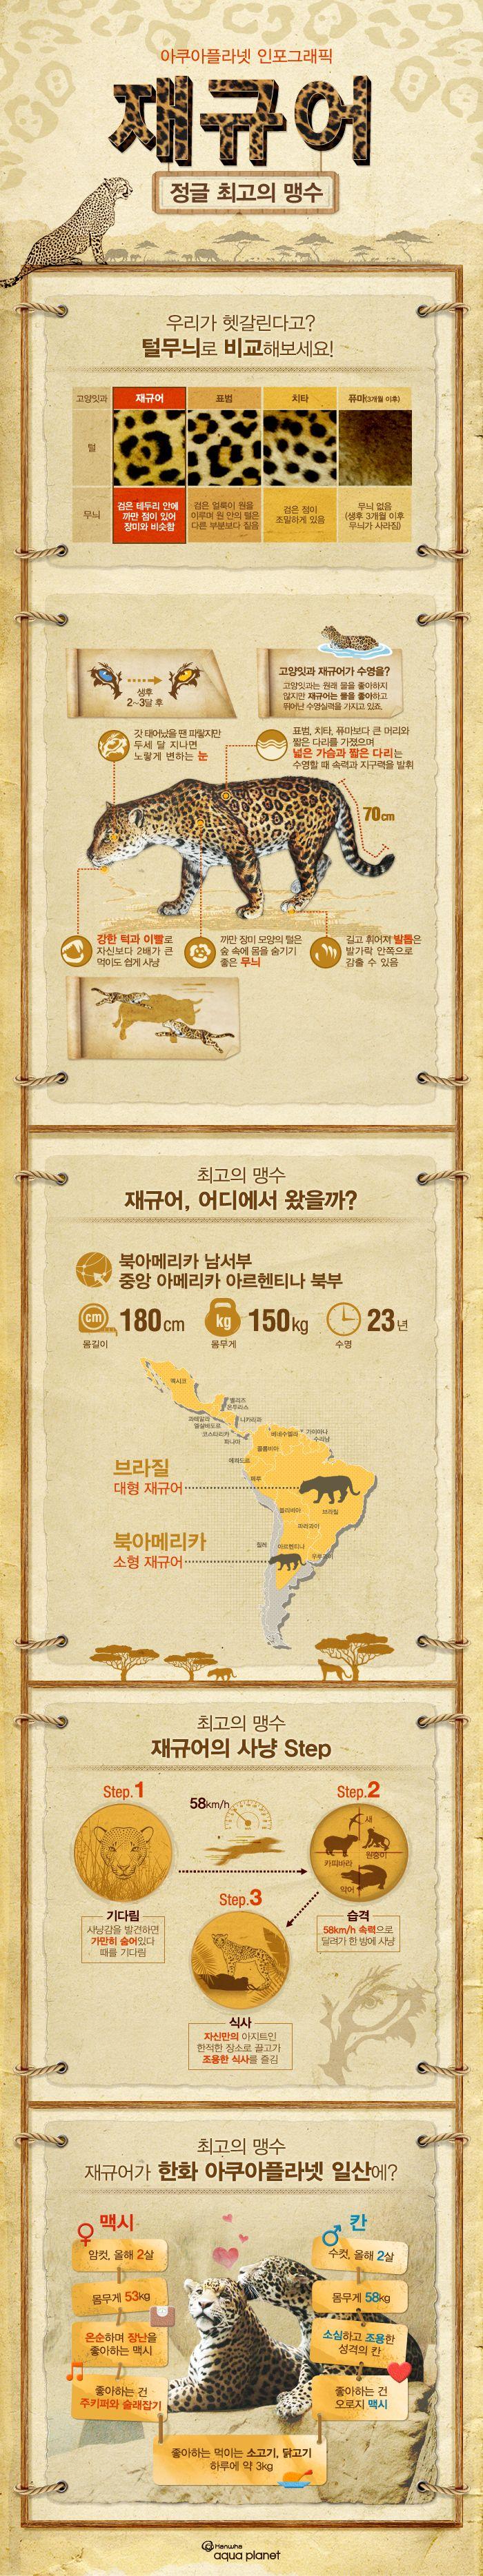 정글 최고의 맹수 '재규어'에 관한 인포그래픽